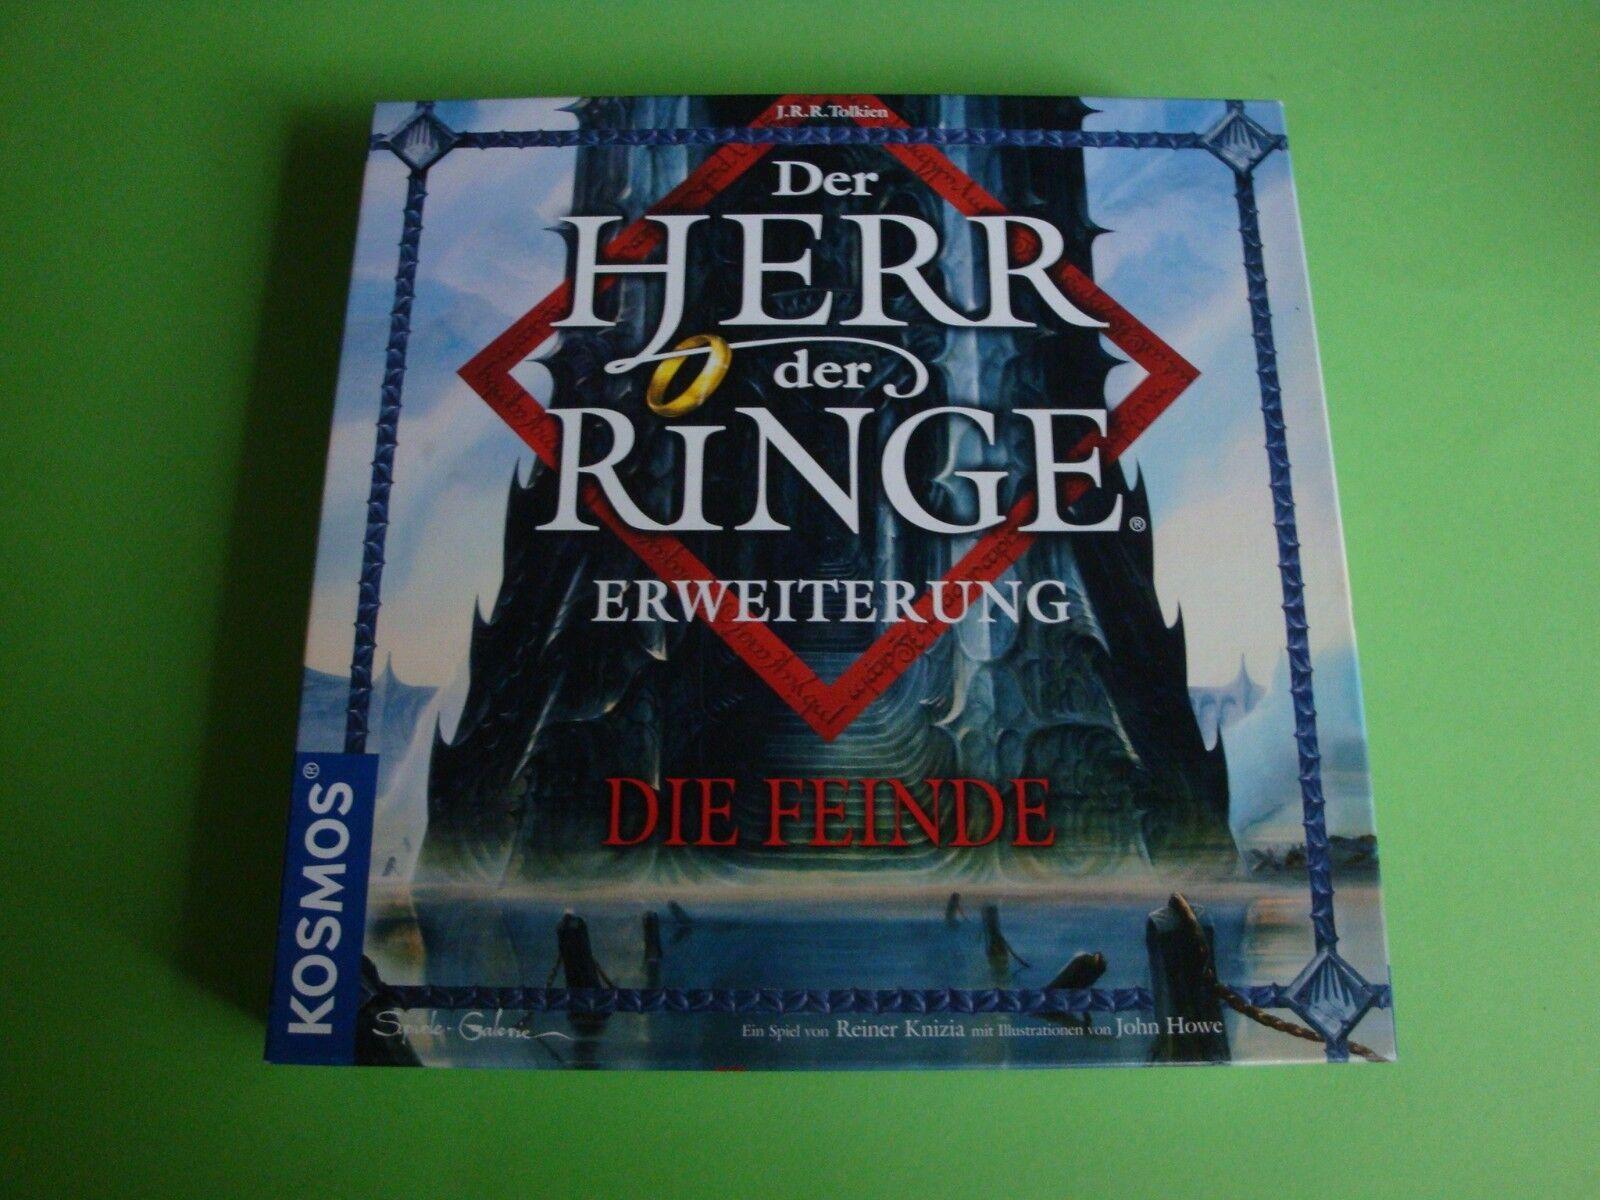 Der Herr Herr Herr der Ringe - Die Feinde (Erweiterung) aa04b8